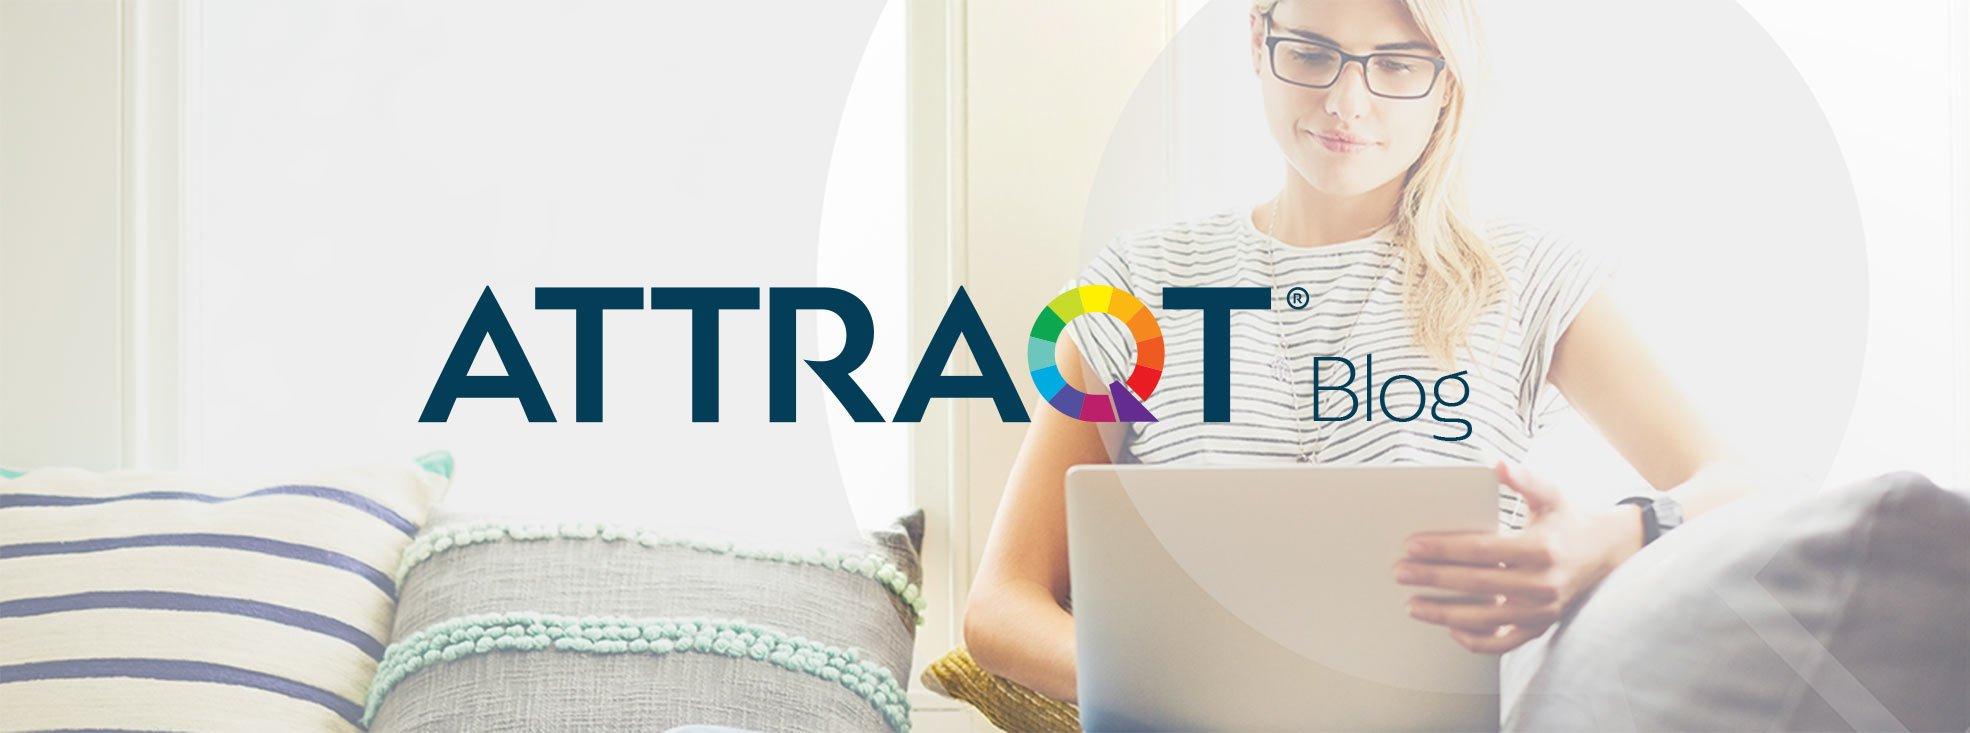 Attraqt_blog_header.jpg